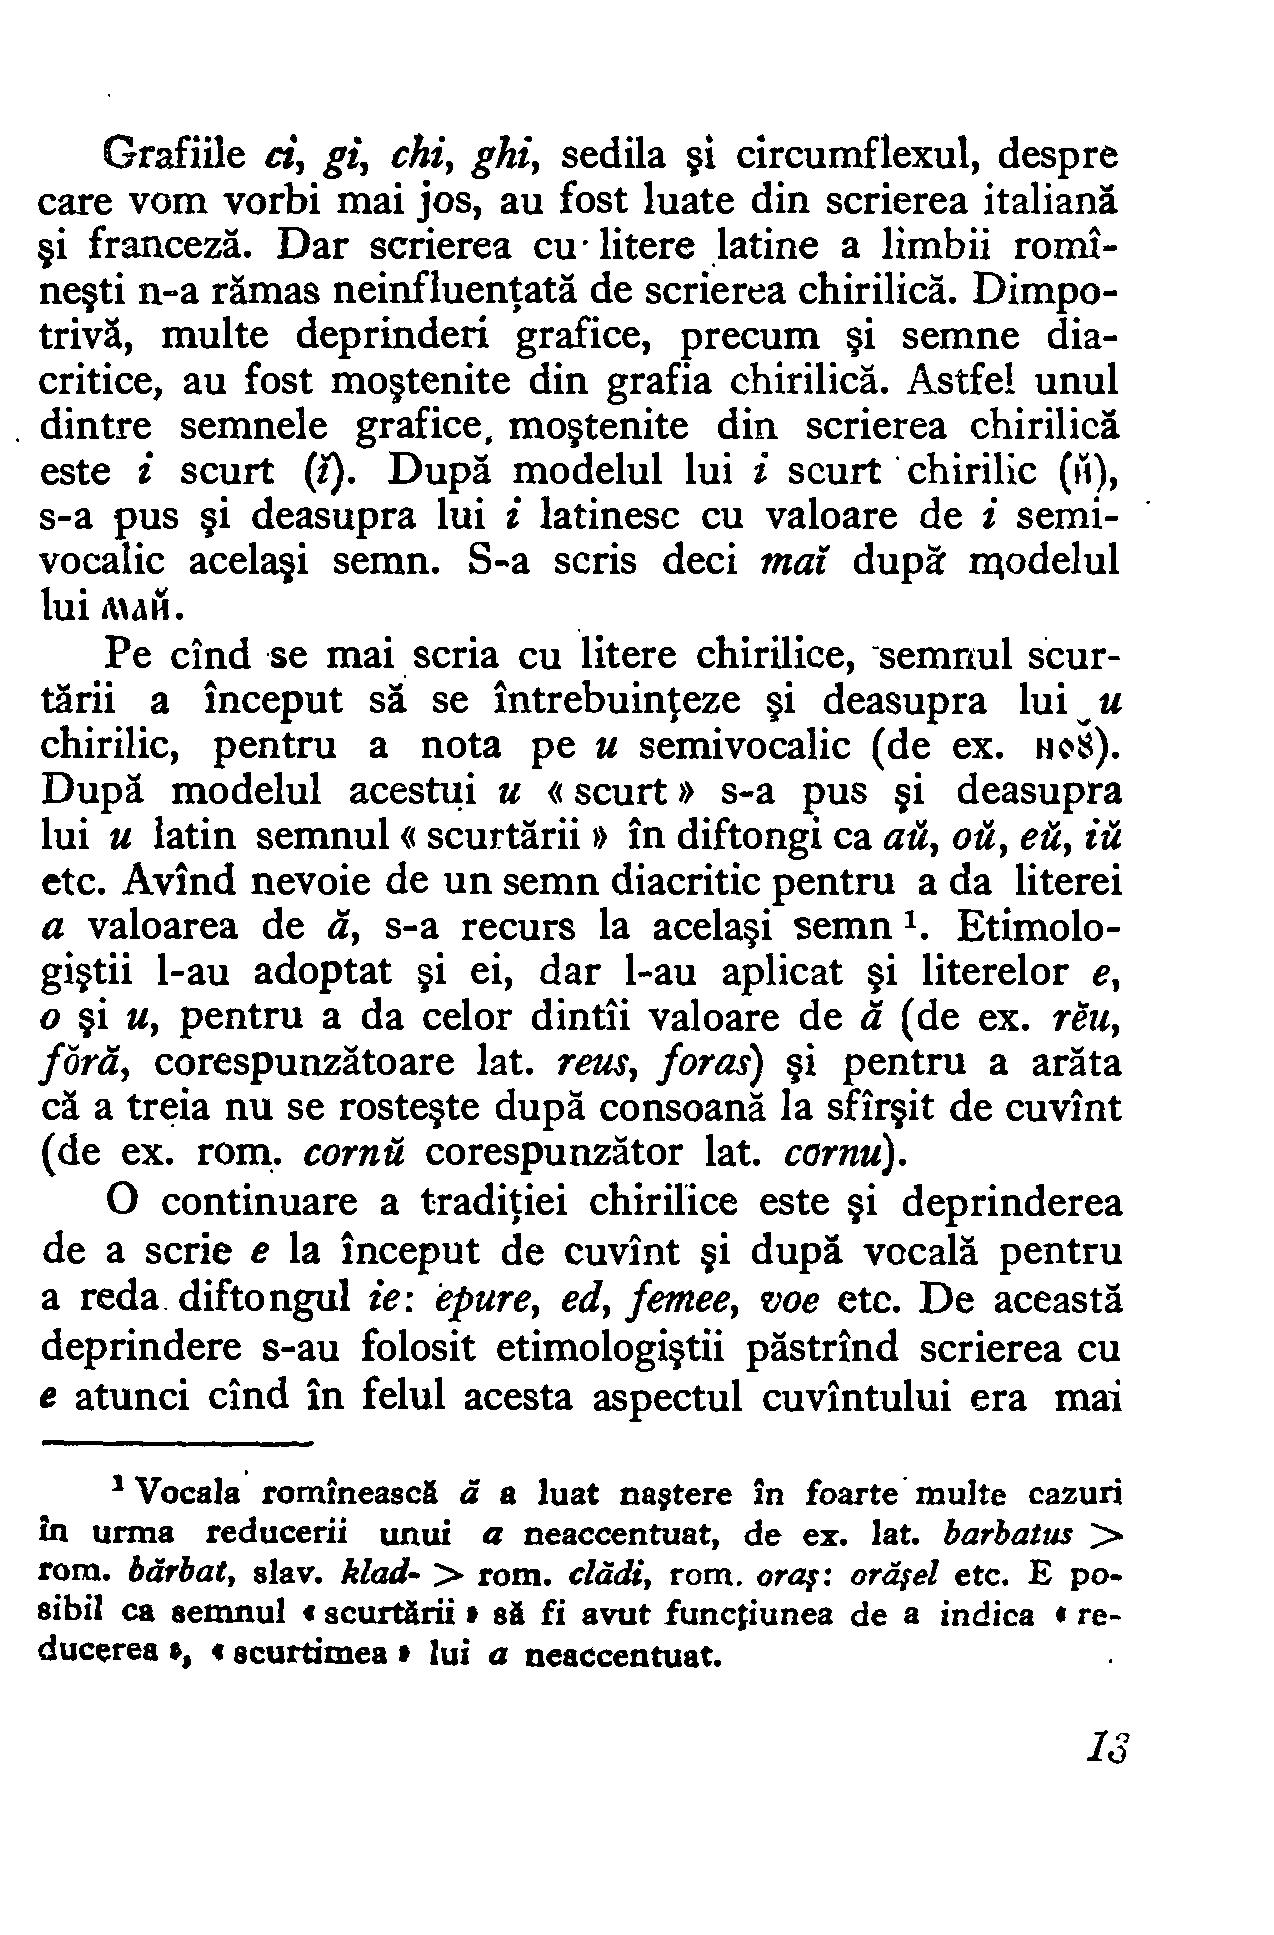 1954 - Mic dicționar ortografic (11).png